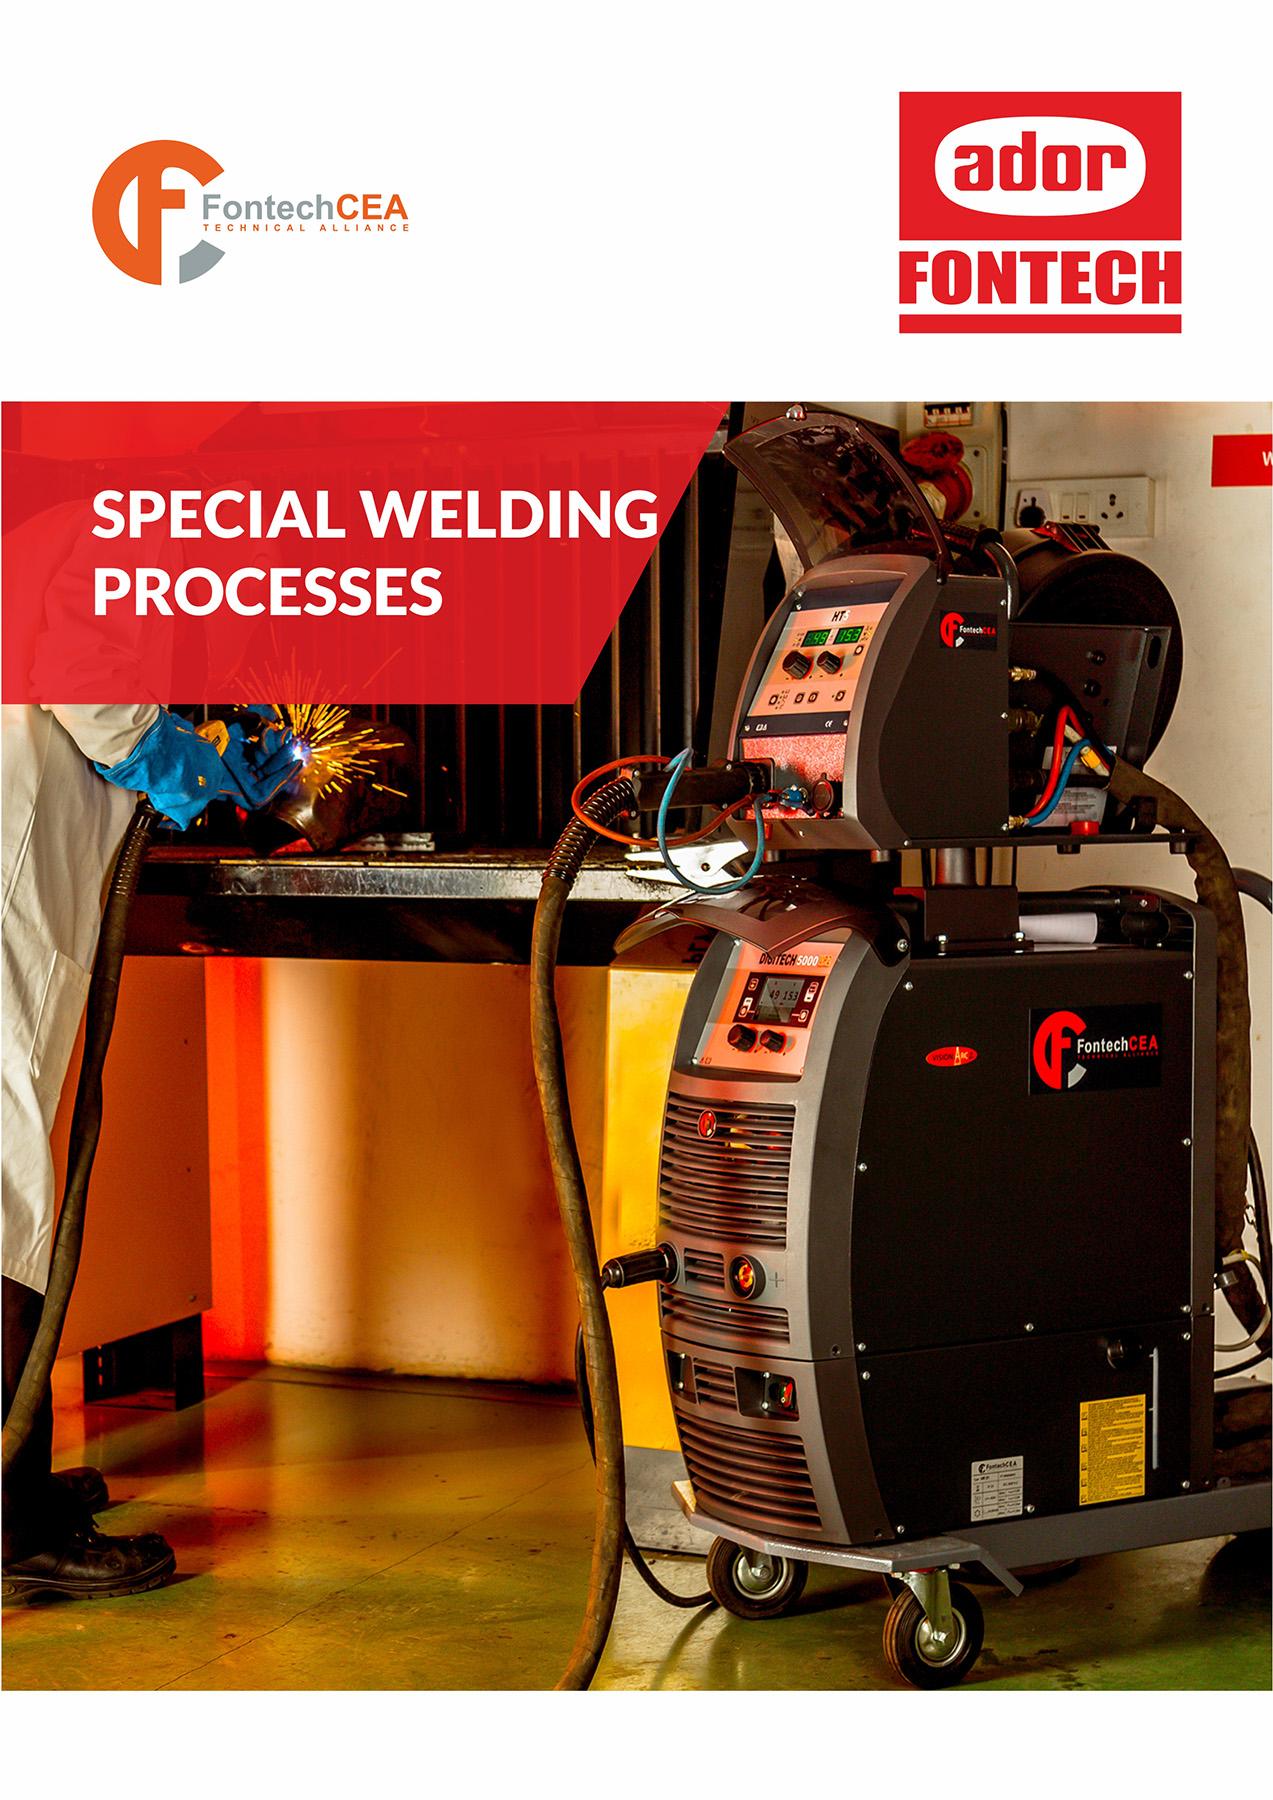 Welding Process | Ador Fontech